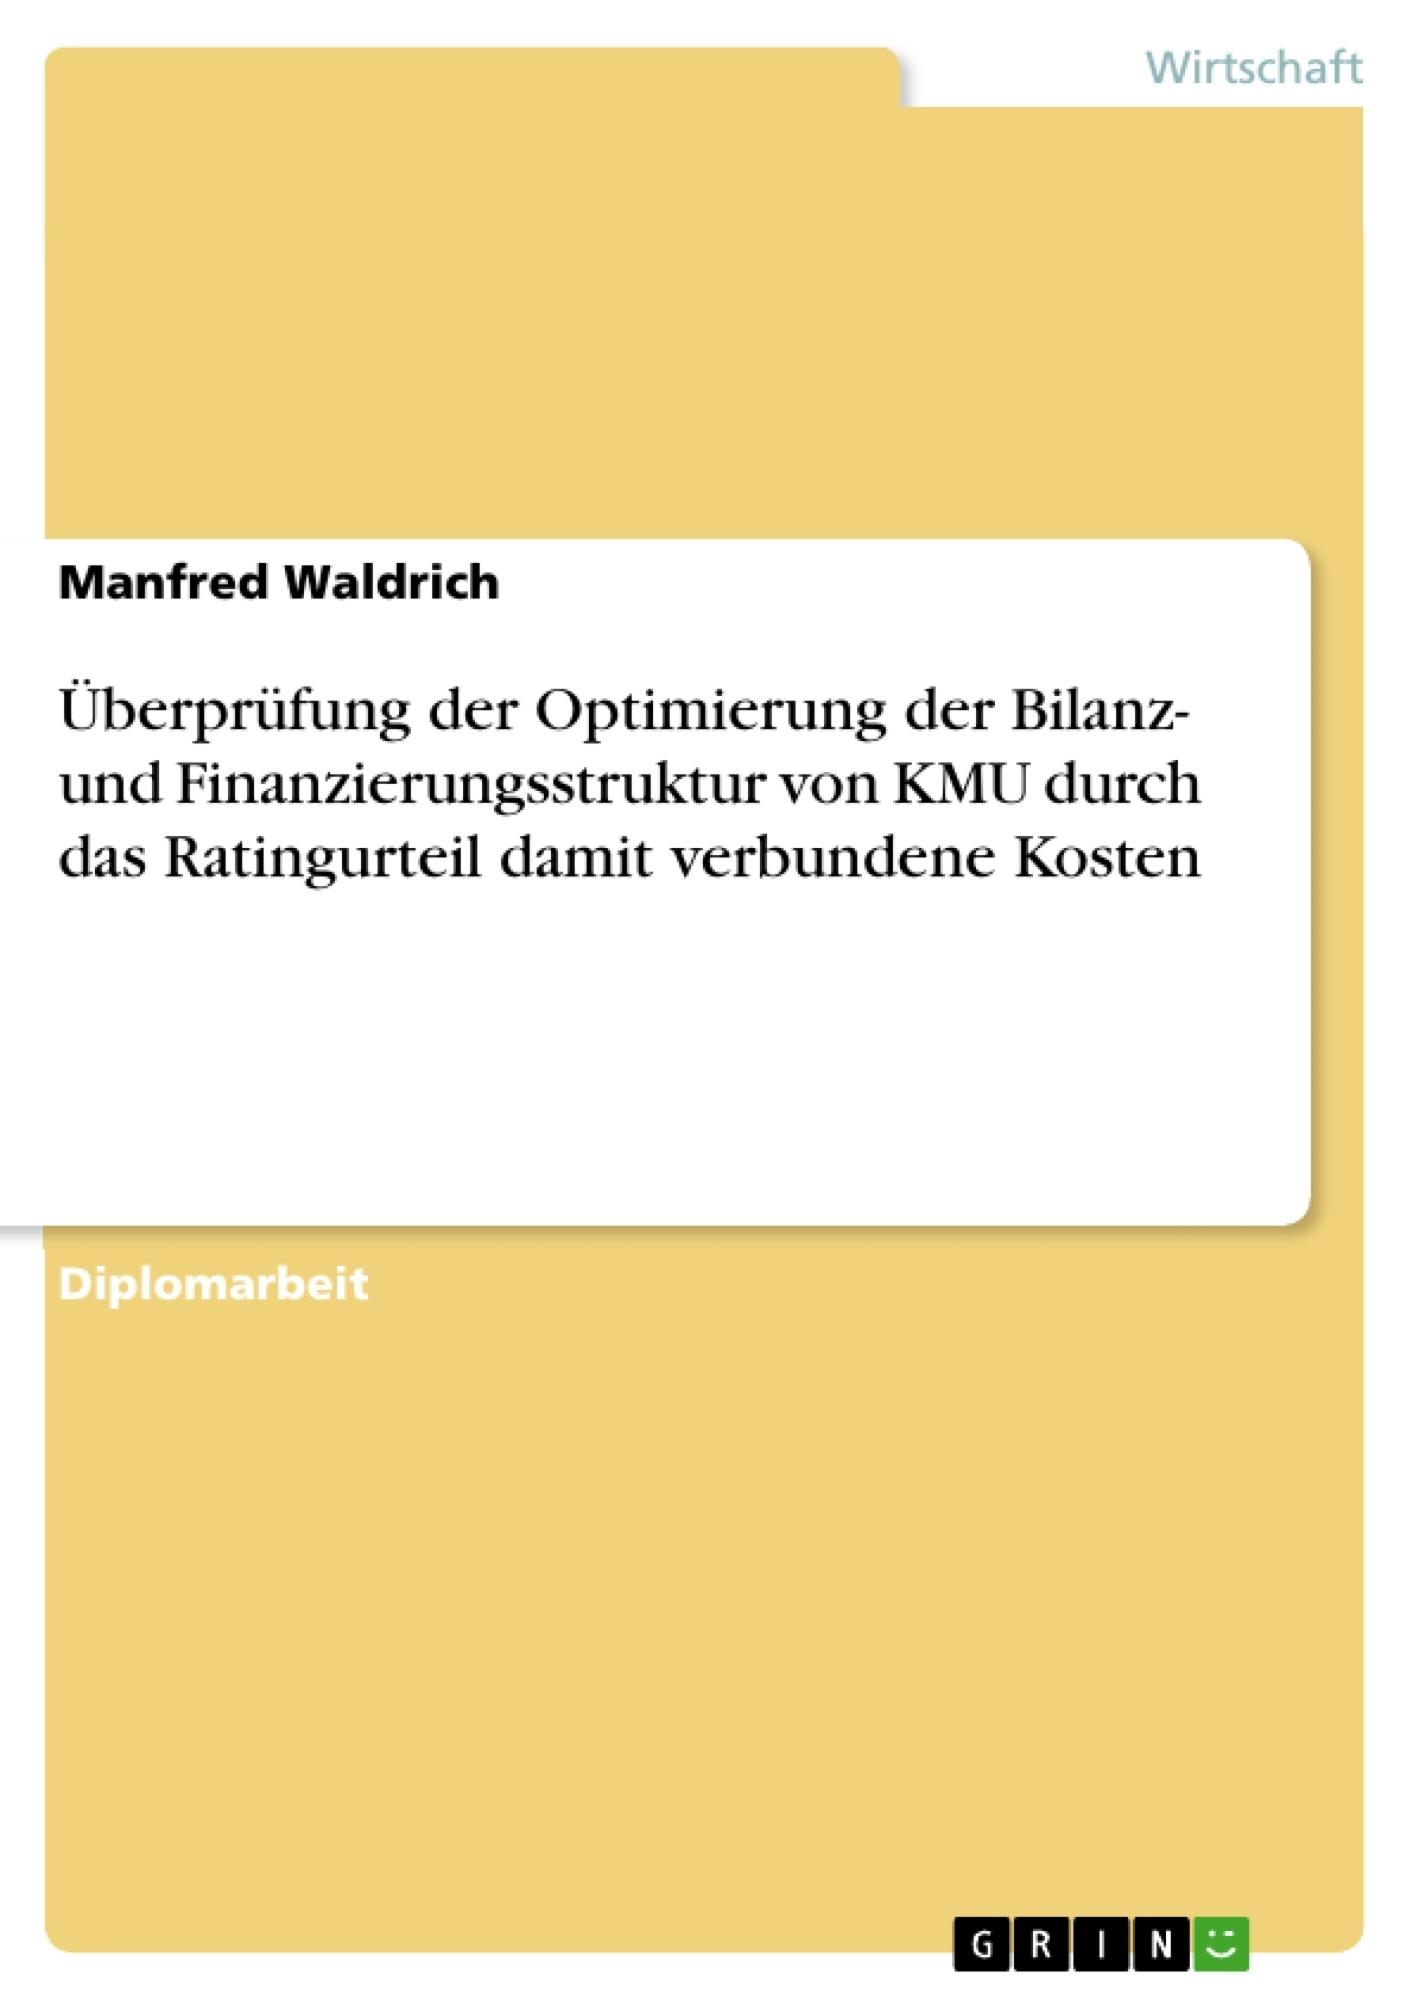 Titel: Überprüfung der Optimierung der Bilanz- und Finanzierungsstruktur von KMU durch das Ratingurteil damit verbundene Kosten